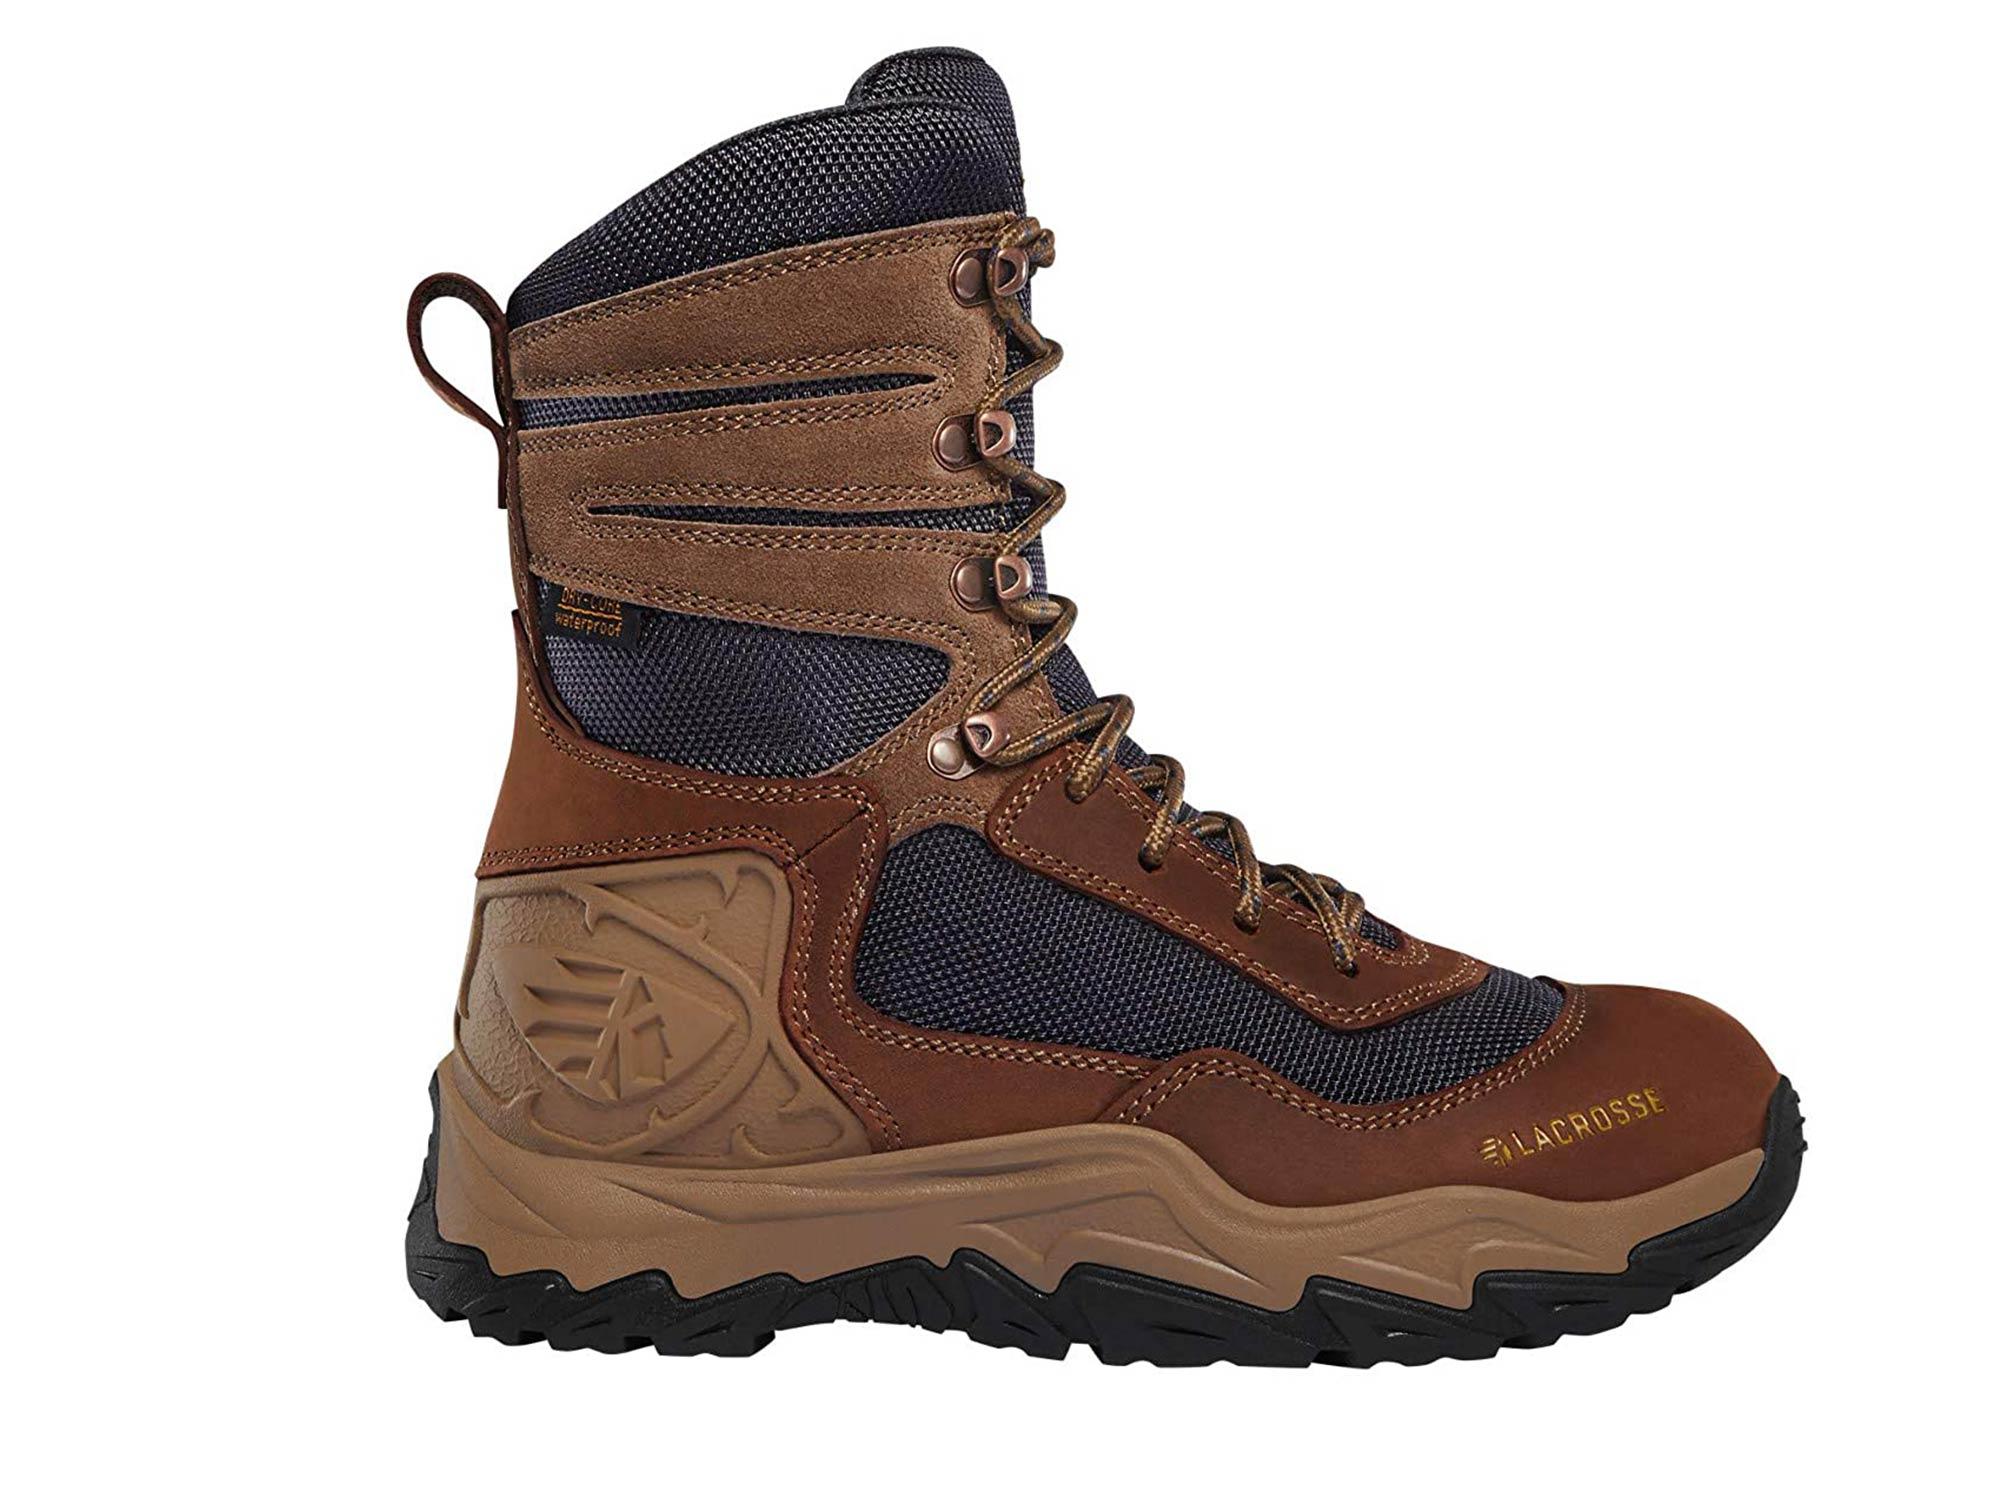 LaCrosse Women's Windrose Boots